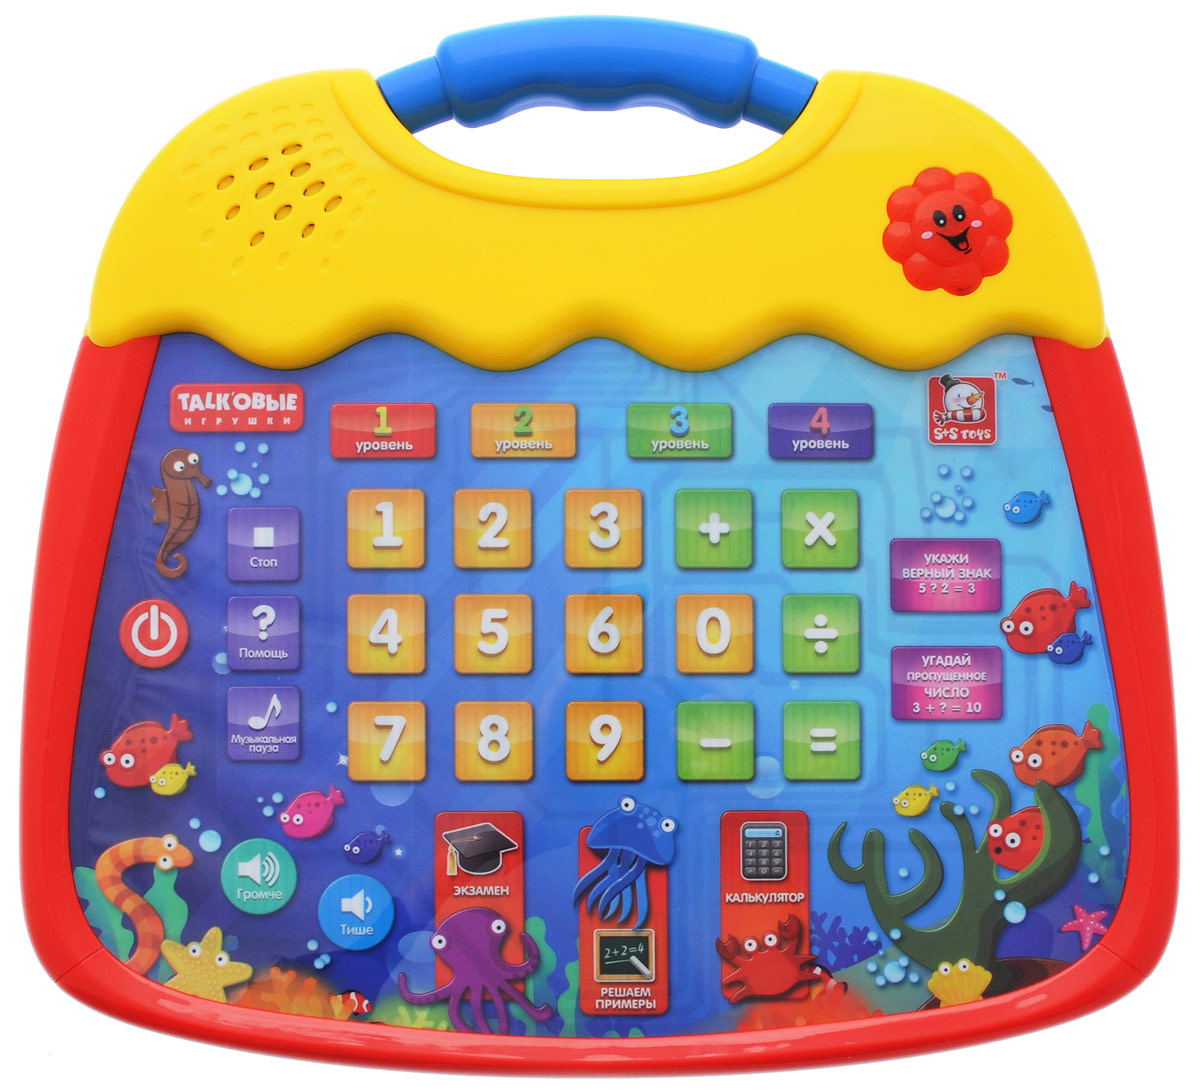 S+S Toys Интерактивный планшет Веселые цифры детские компьютеры s s интерактивный планшет азбука дорожного движения